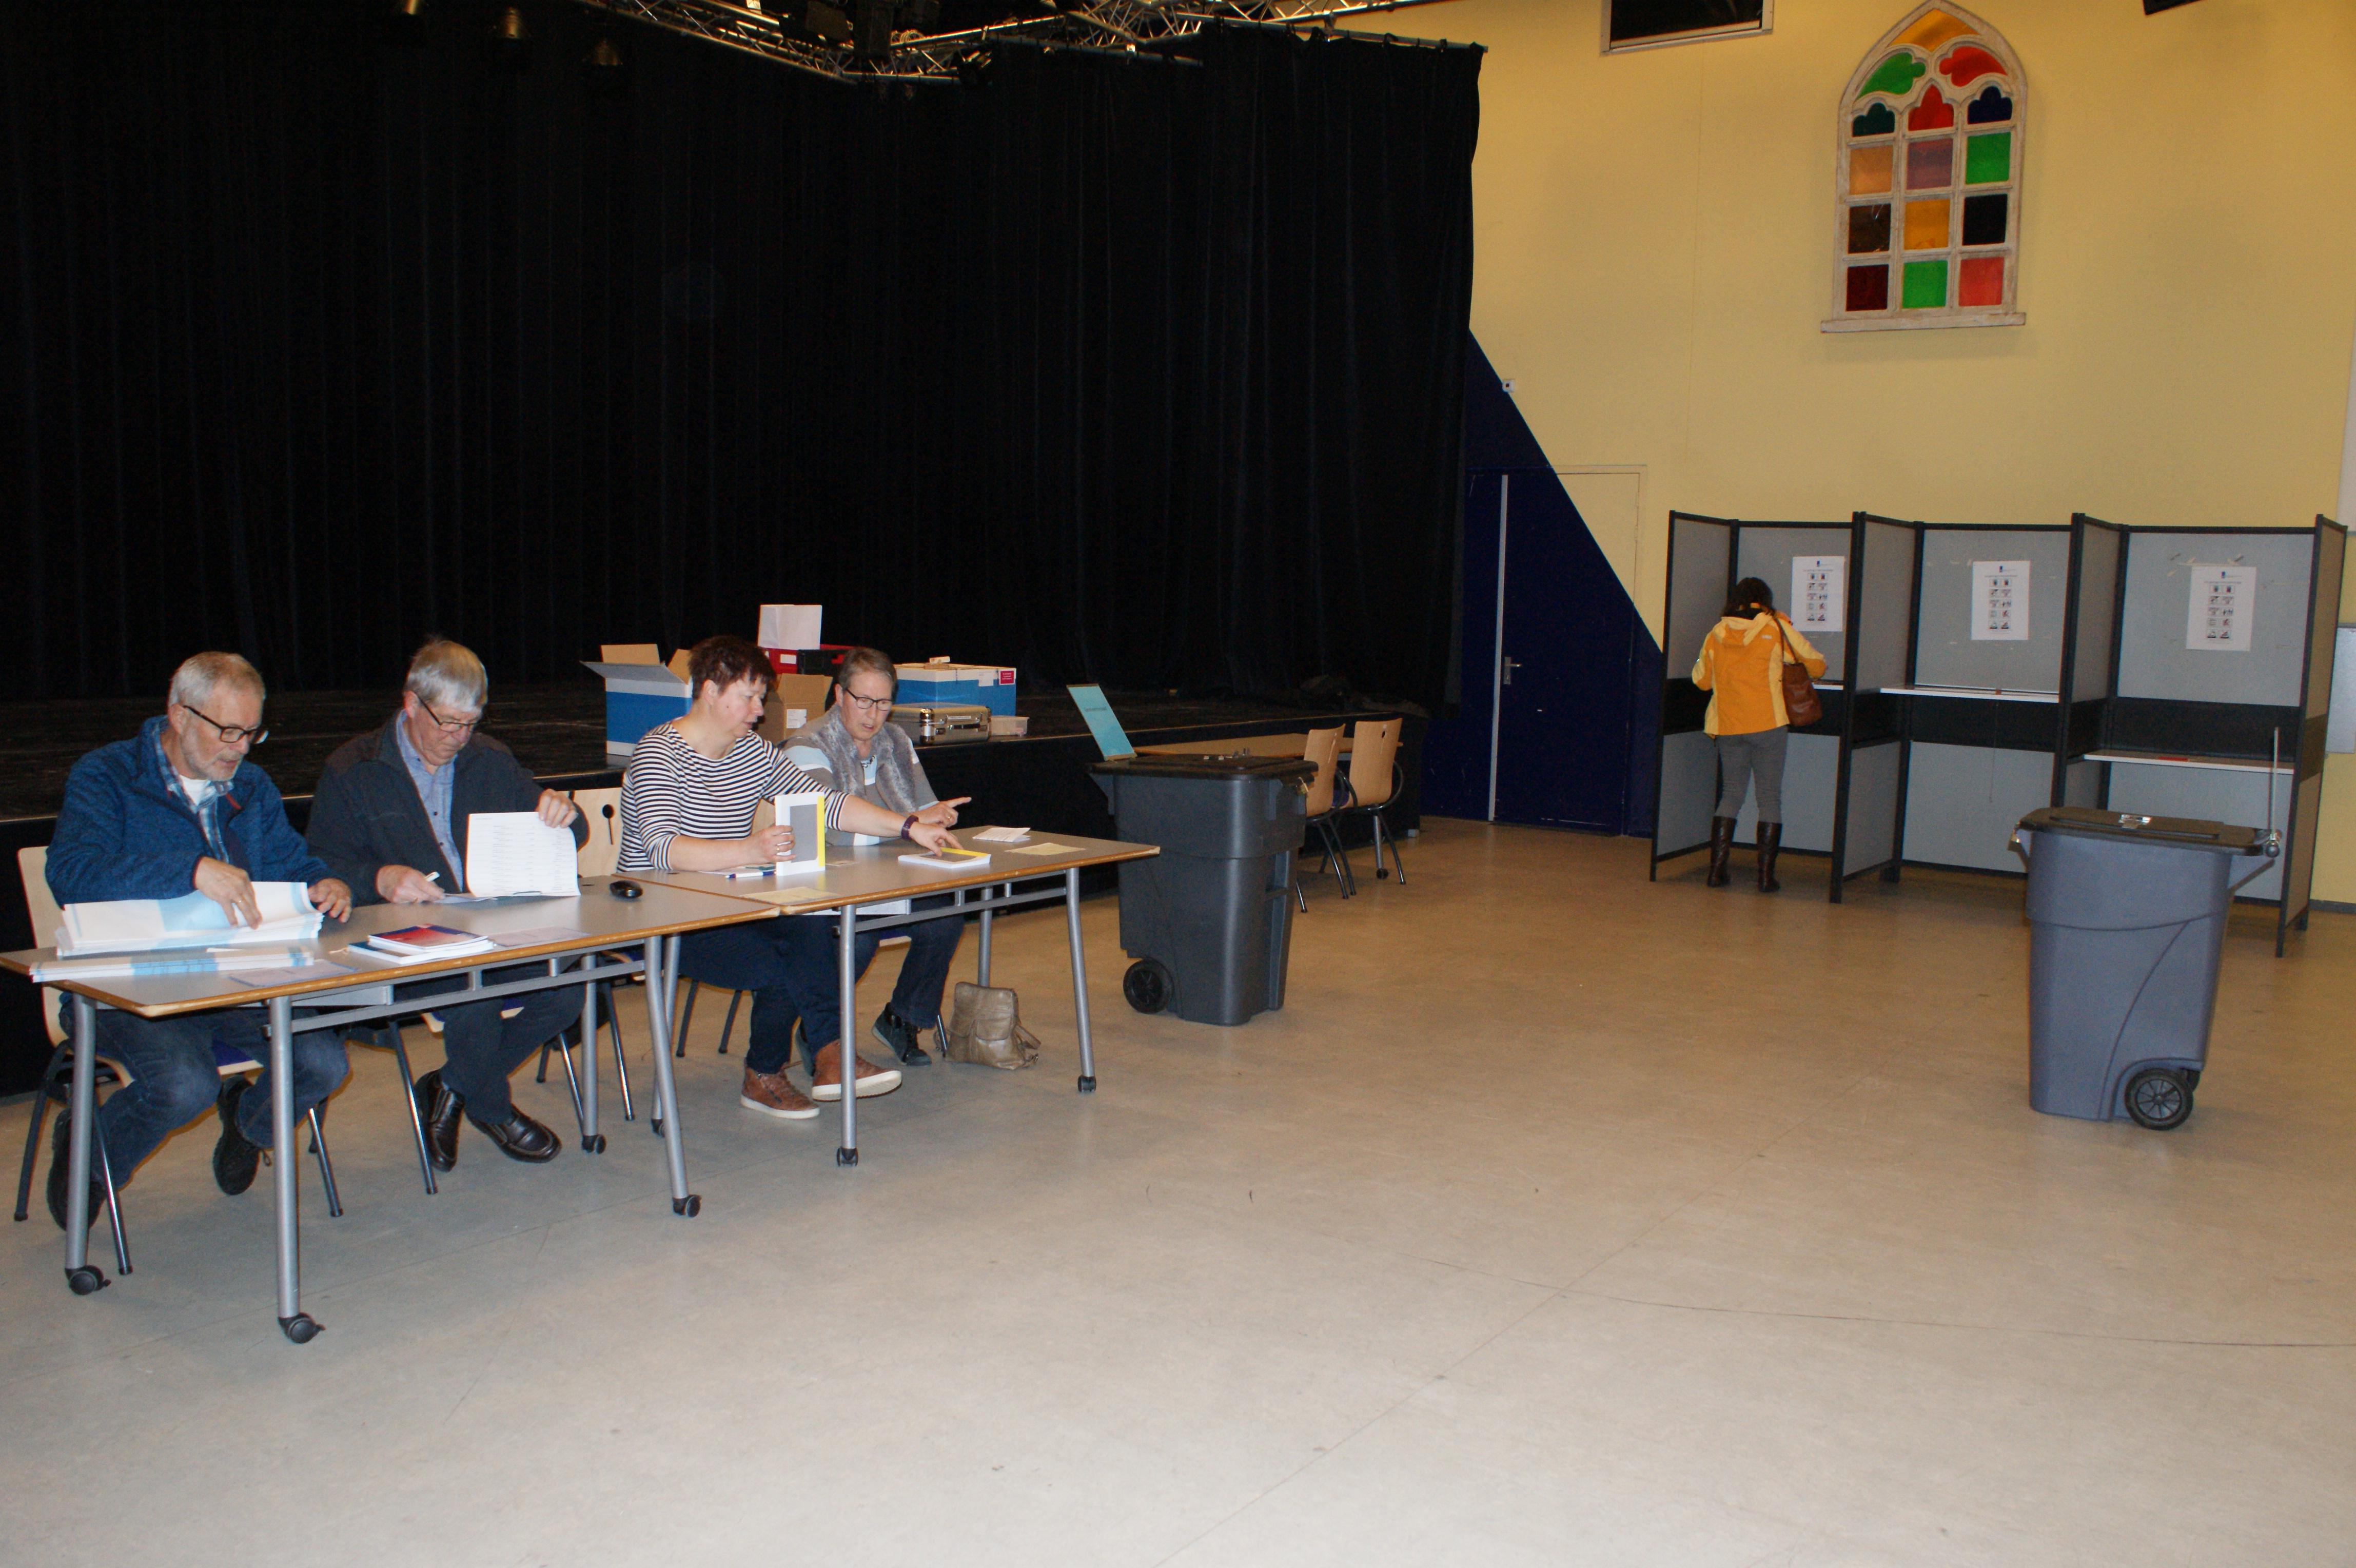 Tot 21.00 uur konden mensen gisteren stemmen. Daarna spanning op het gemeentehuis in Wognum. (Foto: JH / Rodi Media)